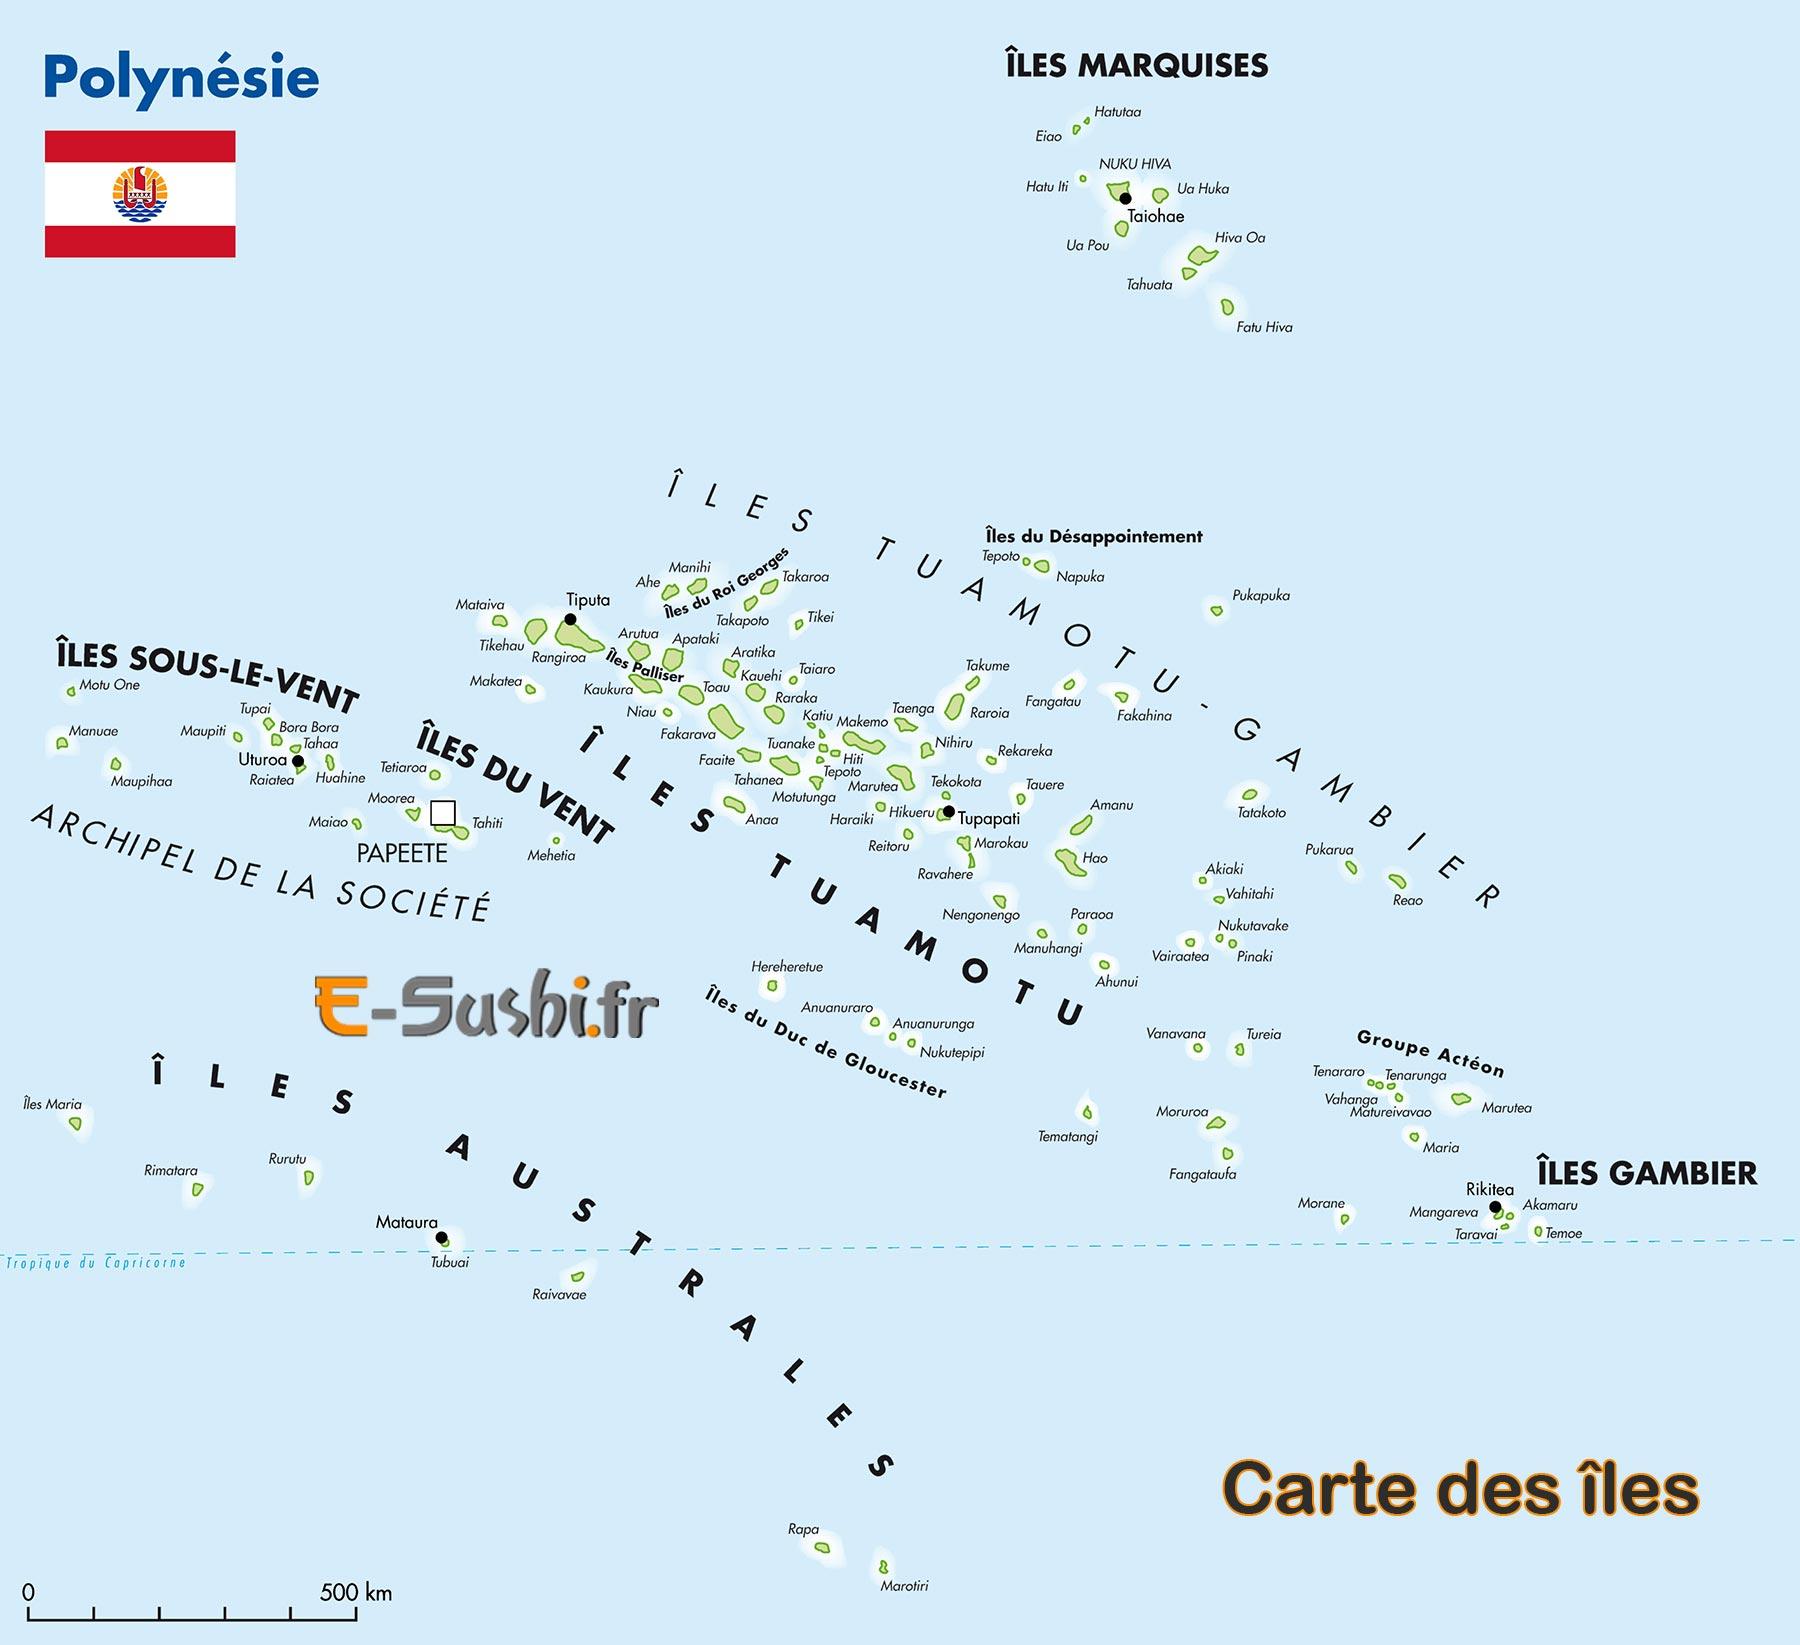 carte de polynesie